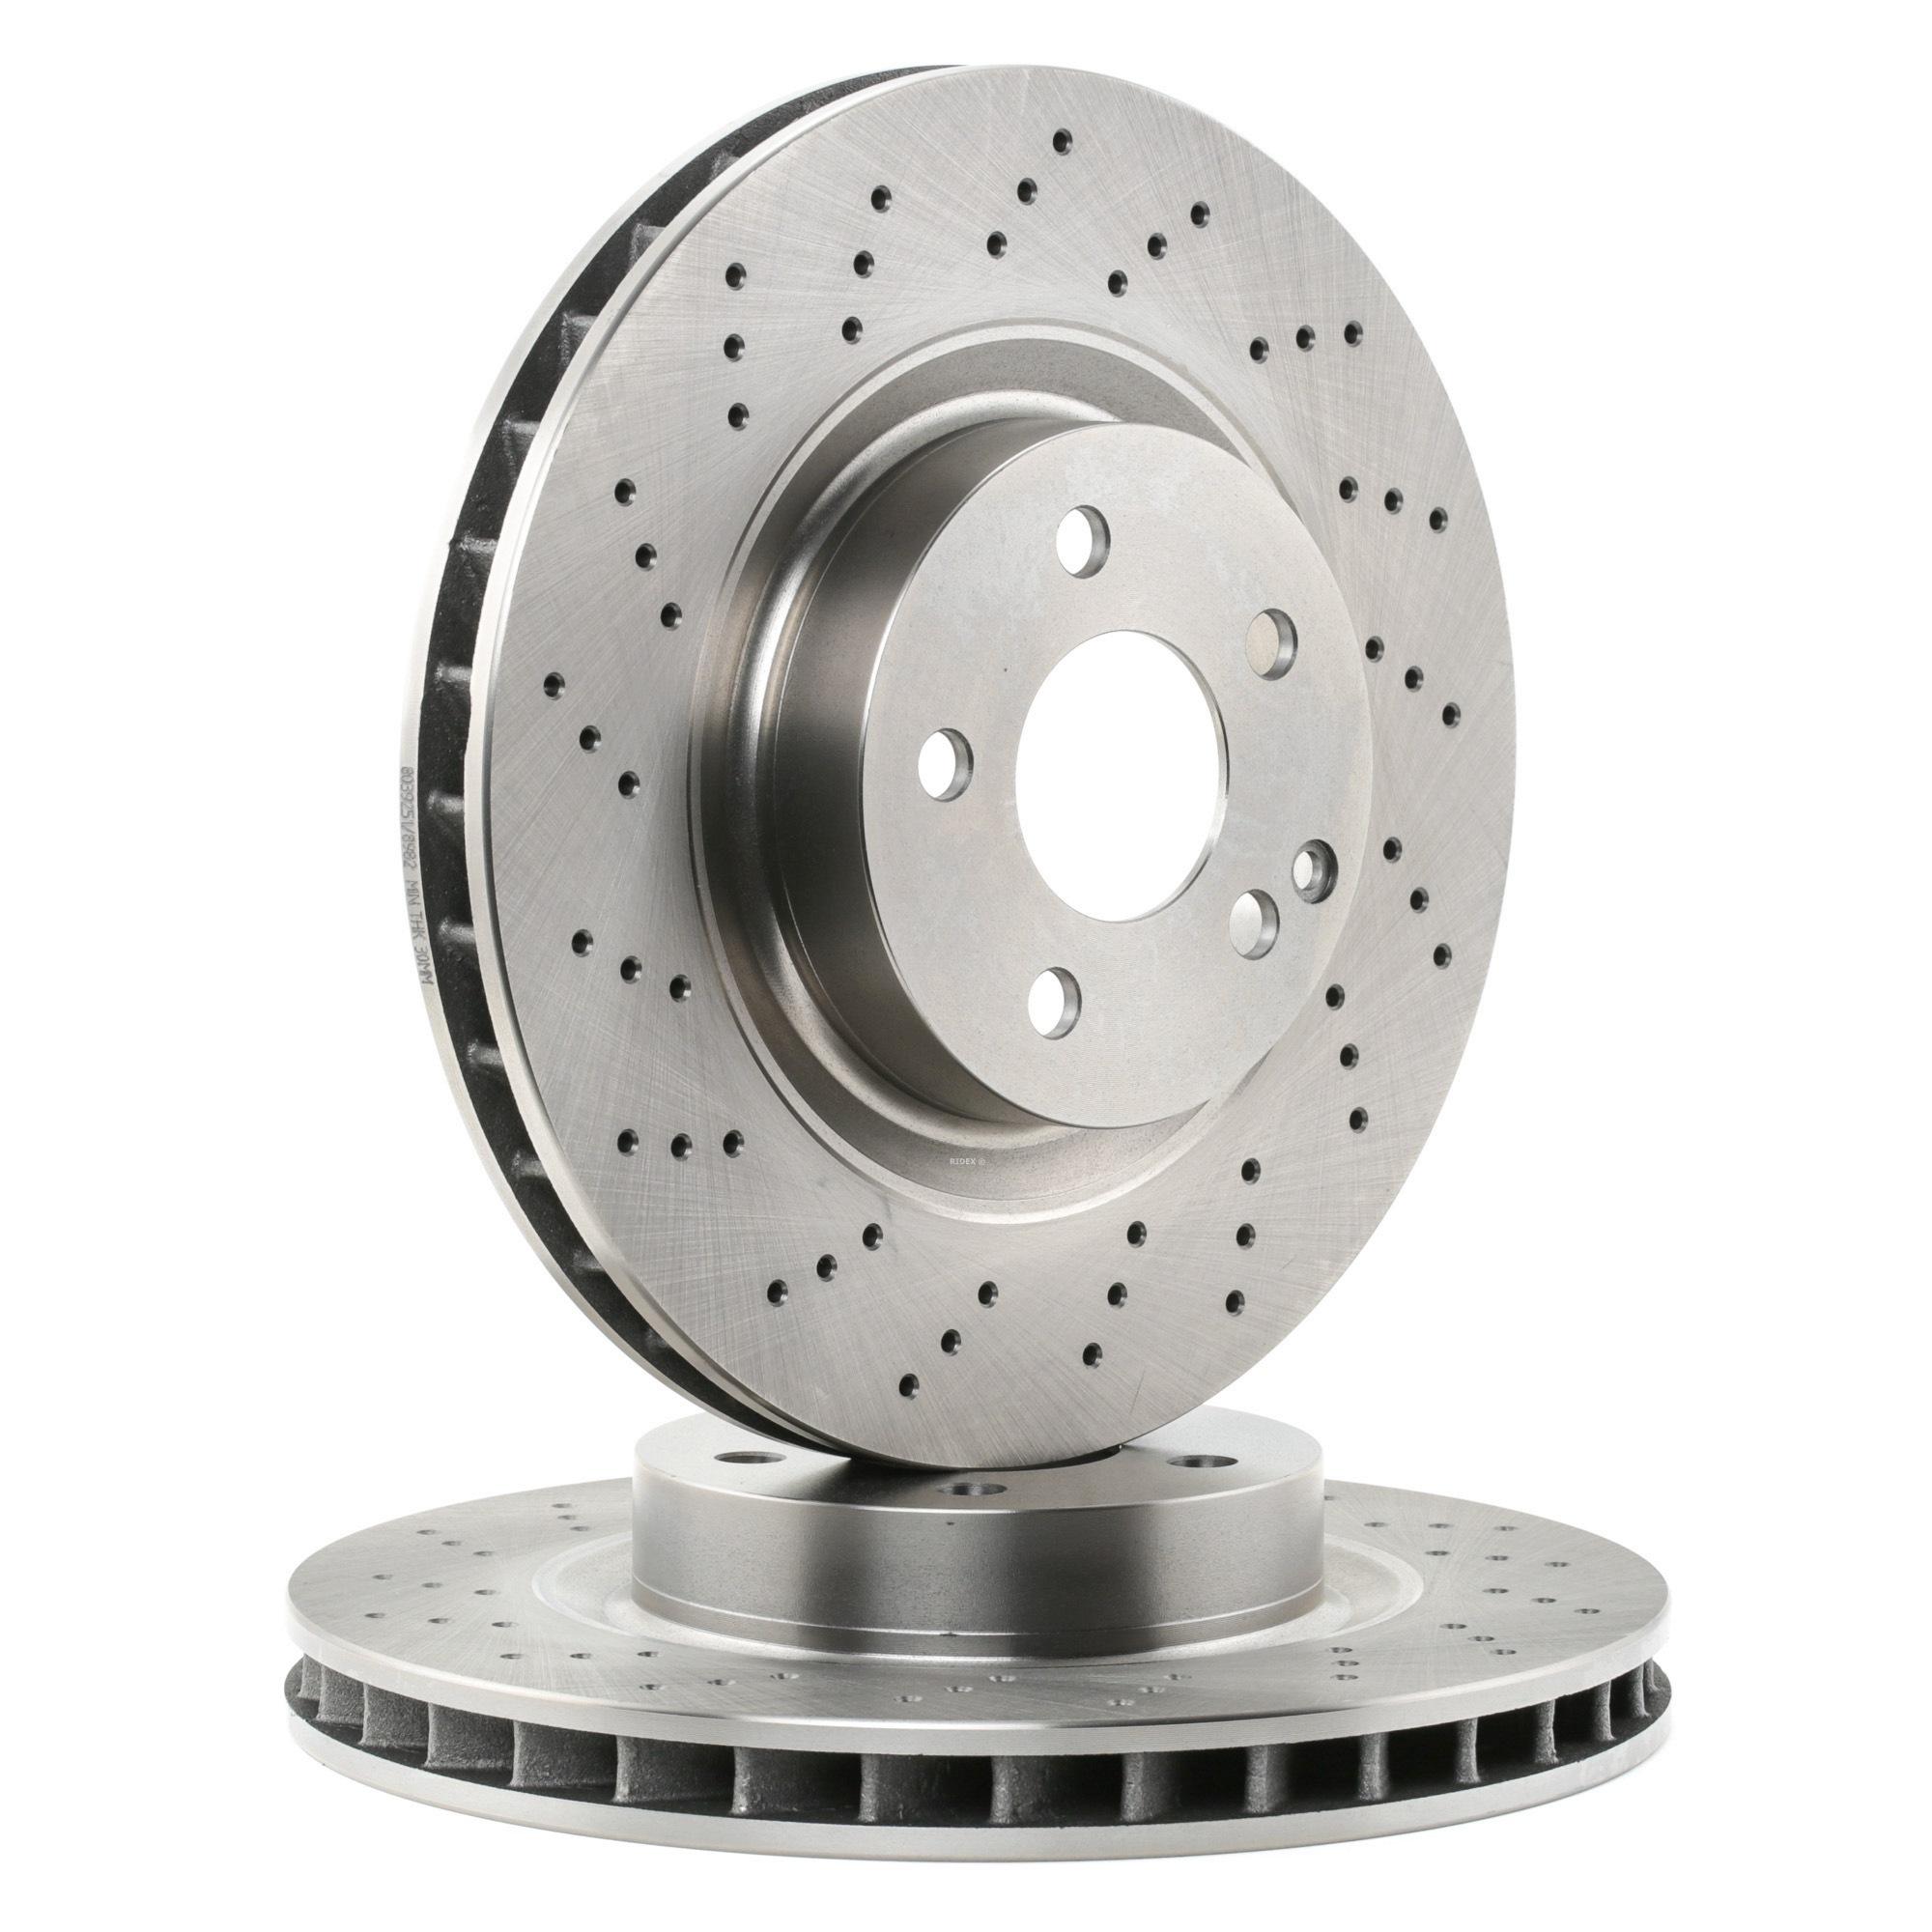 Bremsscheibe RIDEX 82B0562